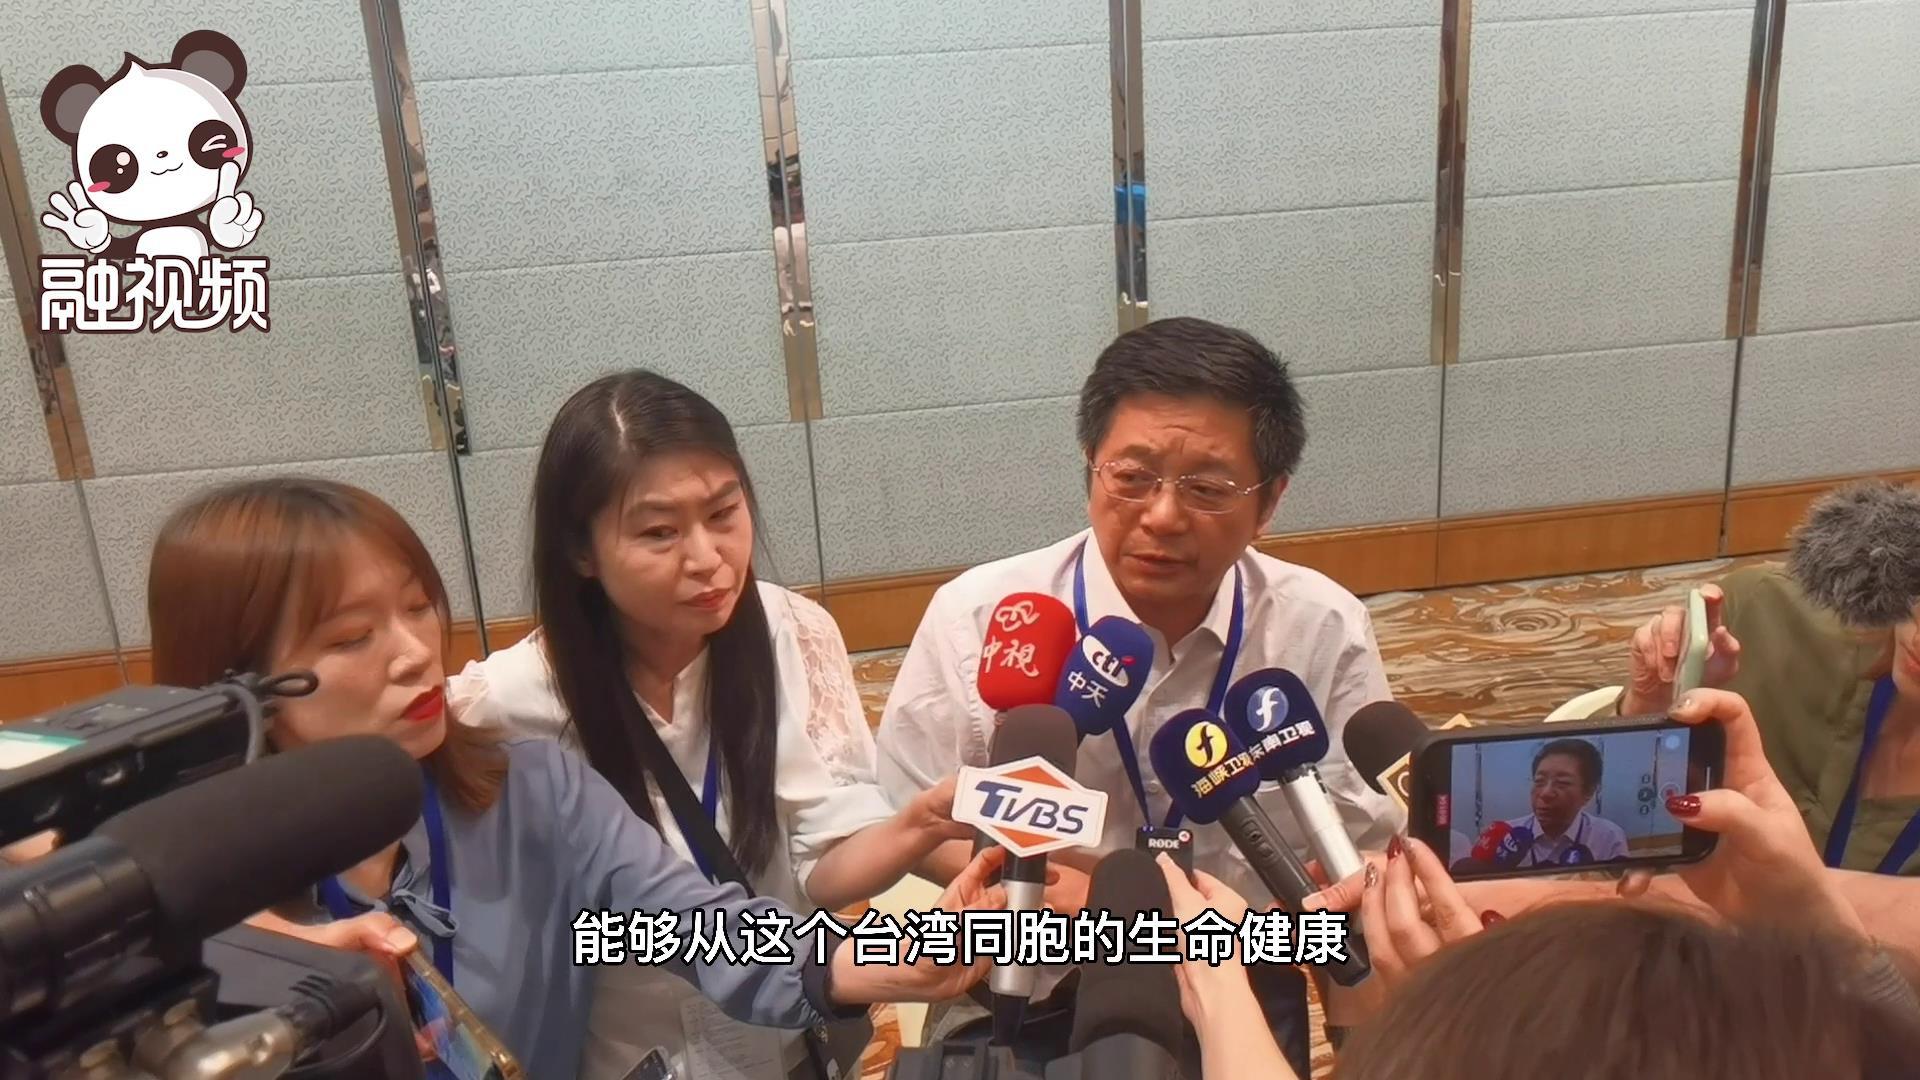 上海复星与台企签疫苗协议 马晓光:岛内谣言不攻自破图片